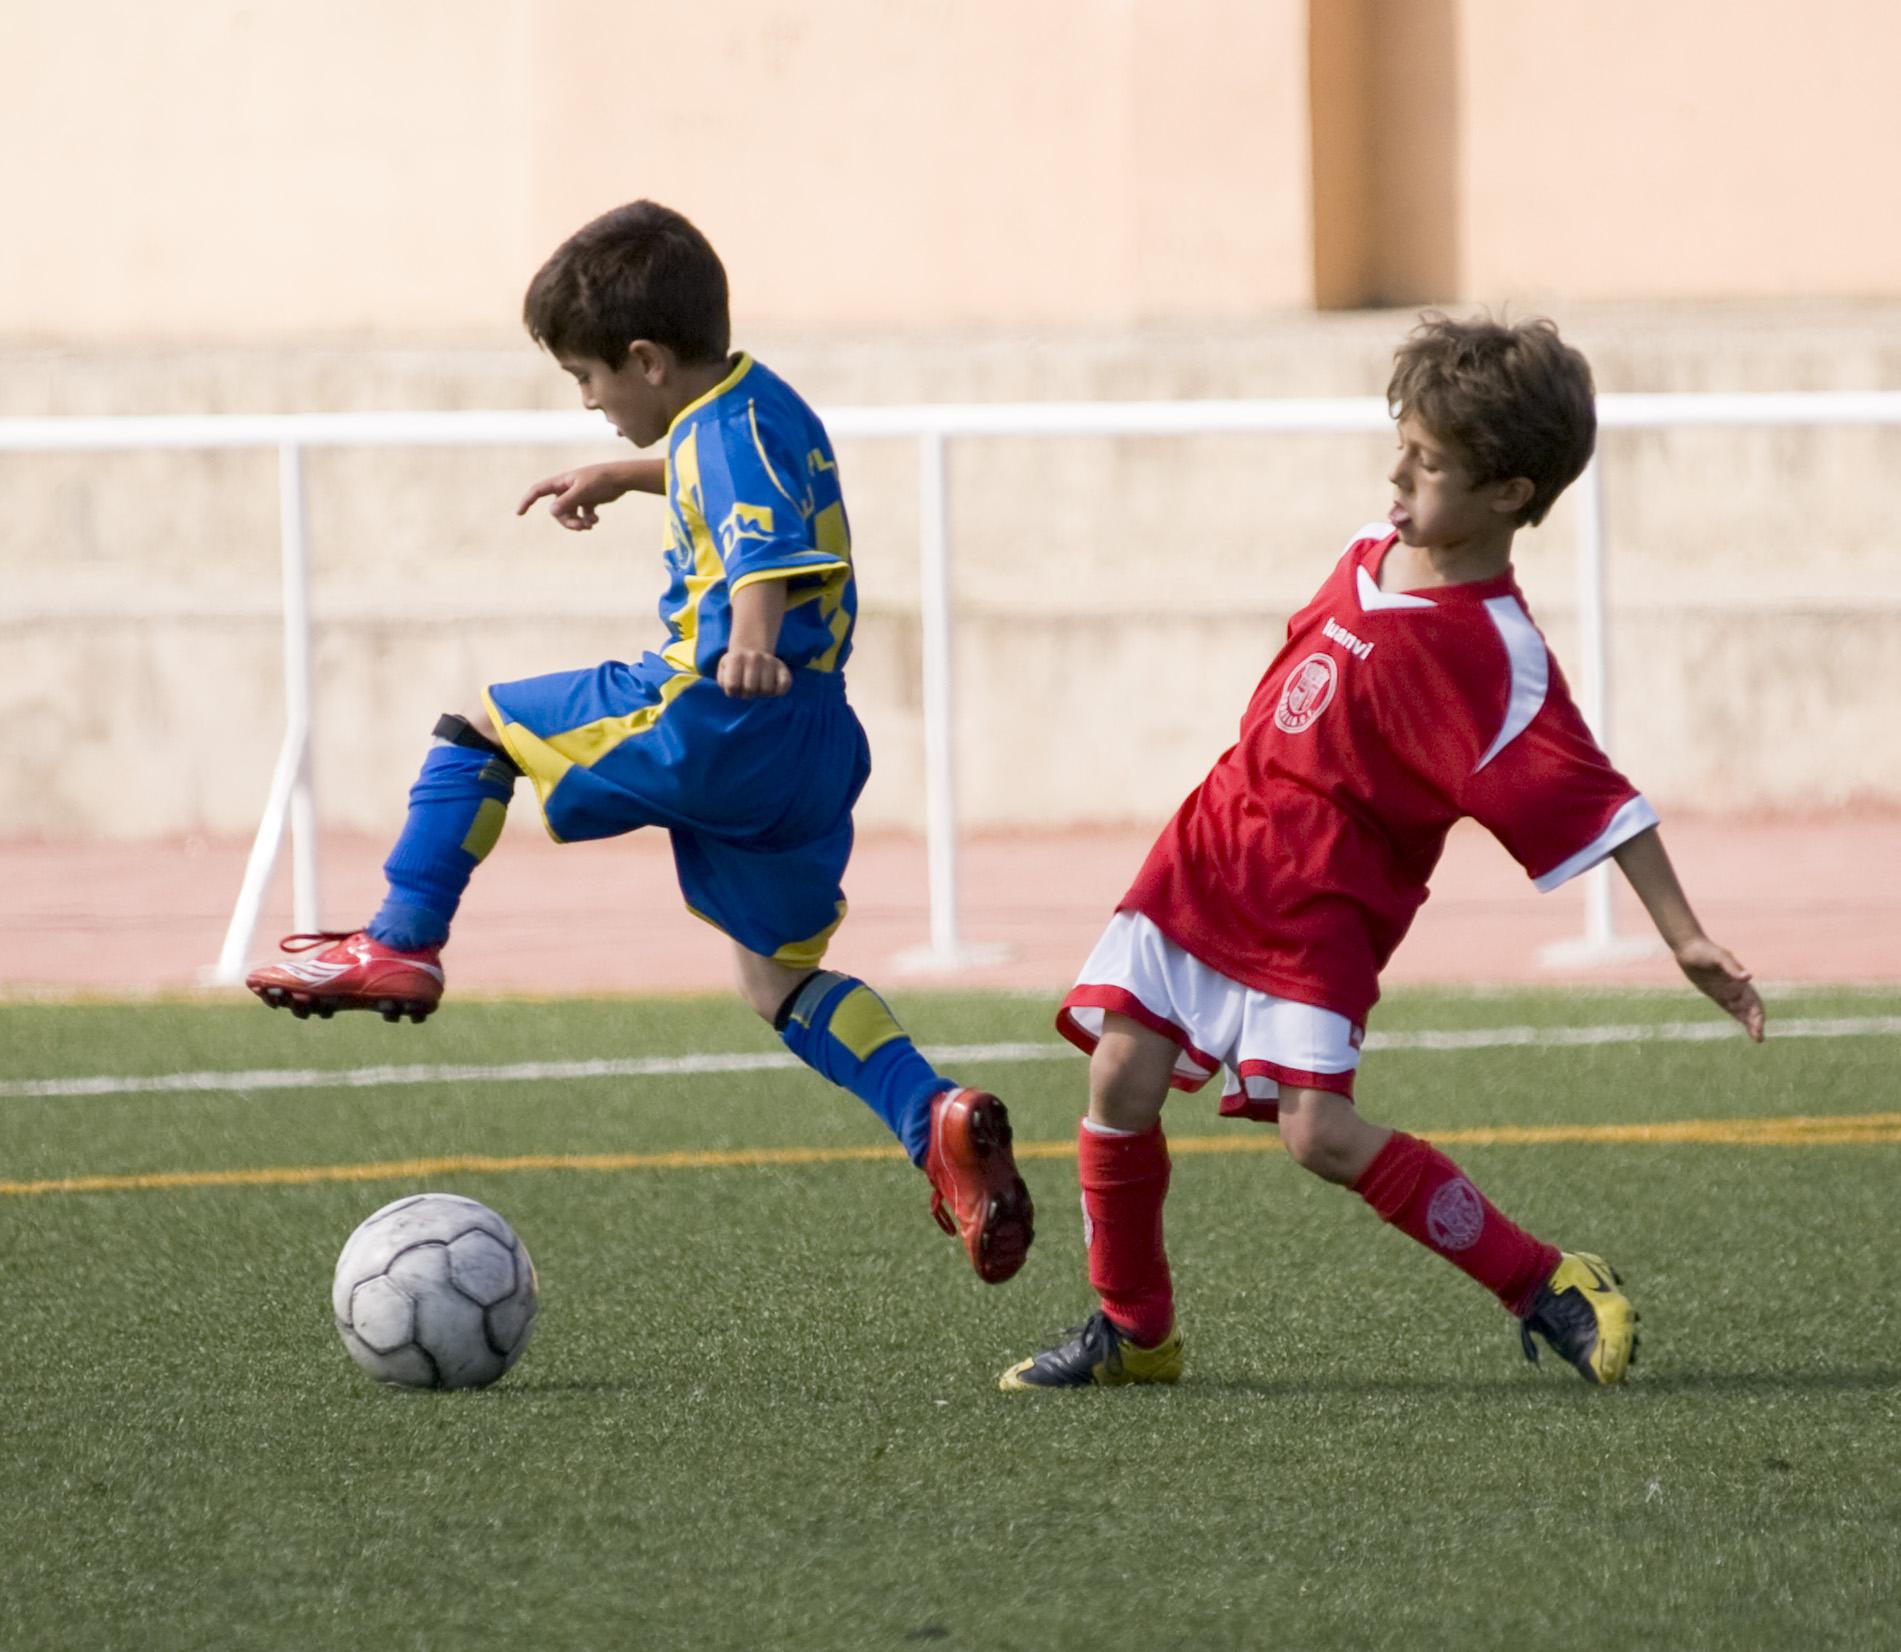 Abusar De Las Botas De Futbol Causa Malformaciones En El Pie